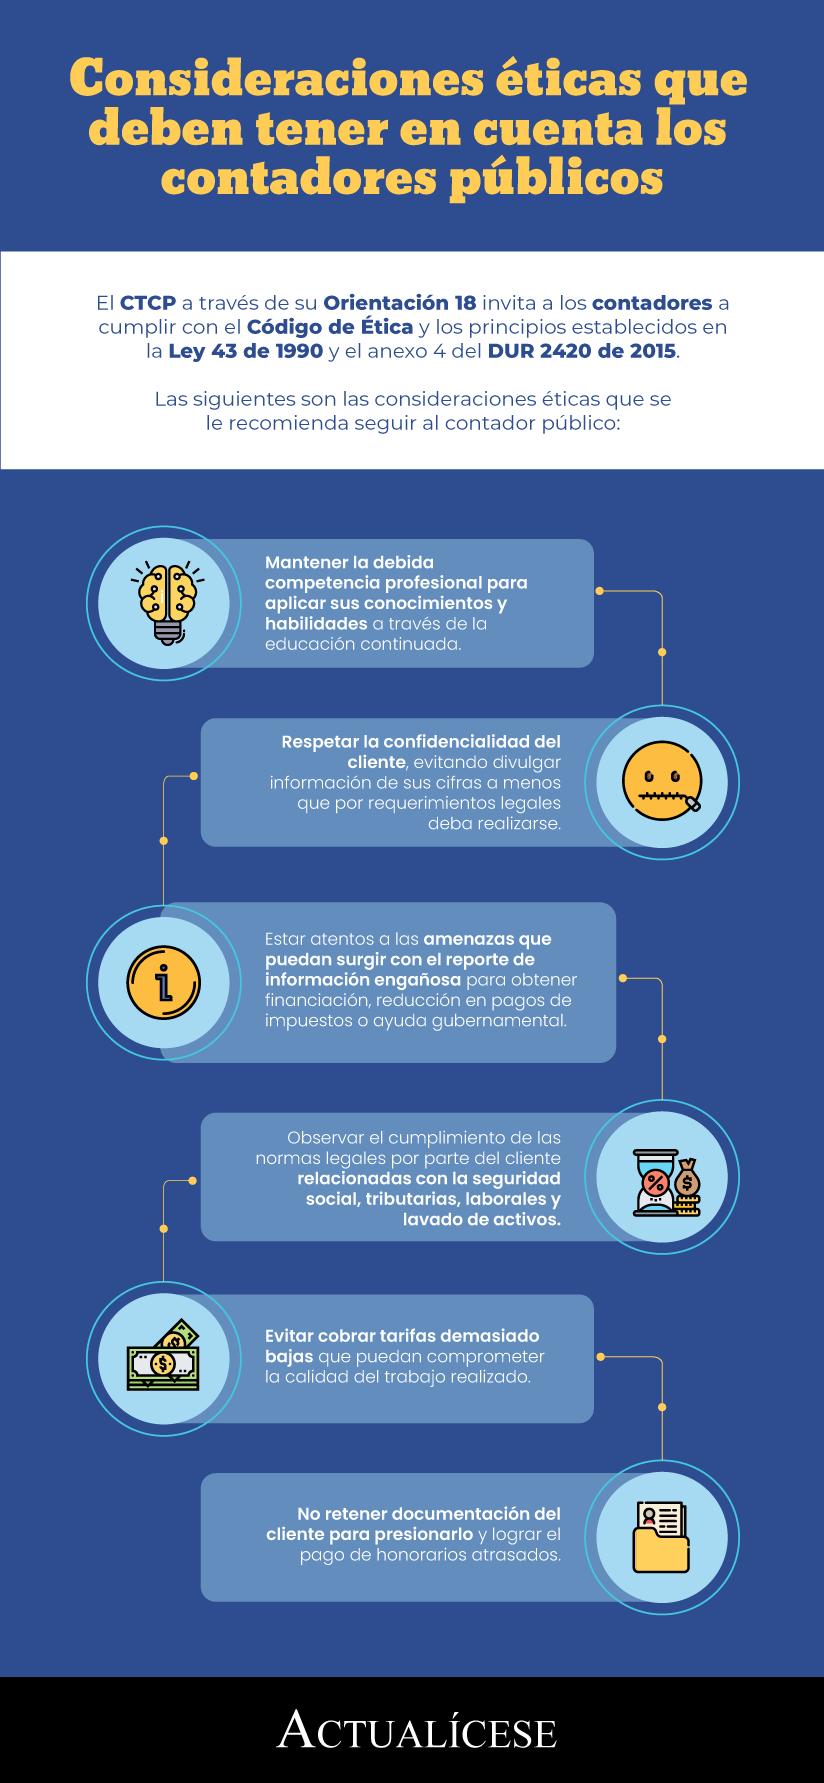 [Infografía] Consideraciones éticas que deben tener en cuenta los contadores públicos